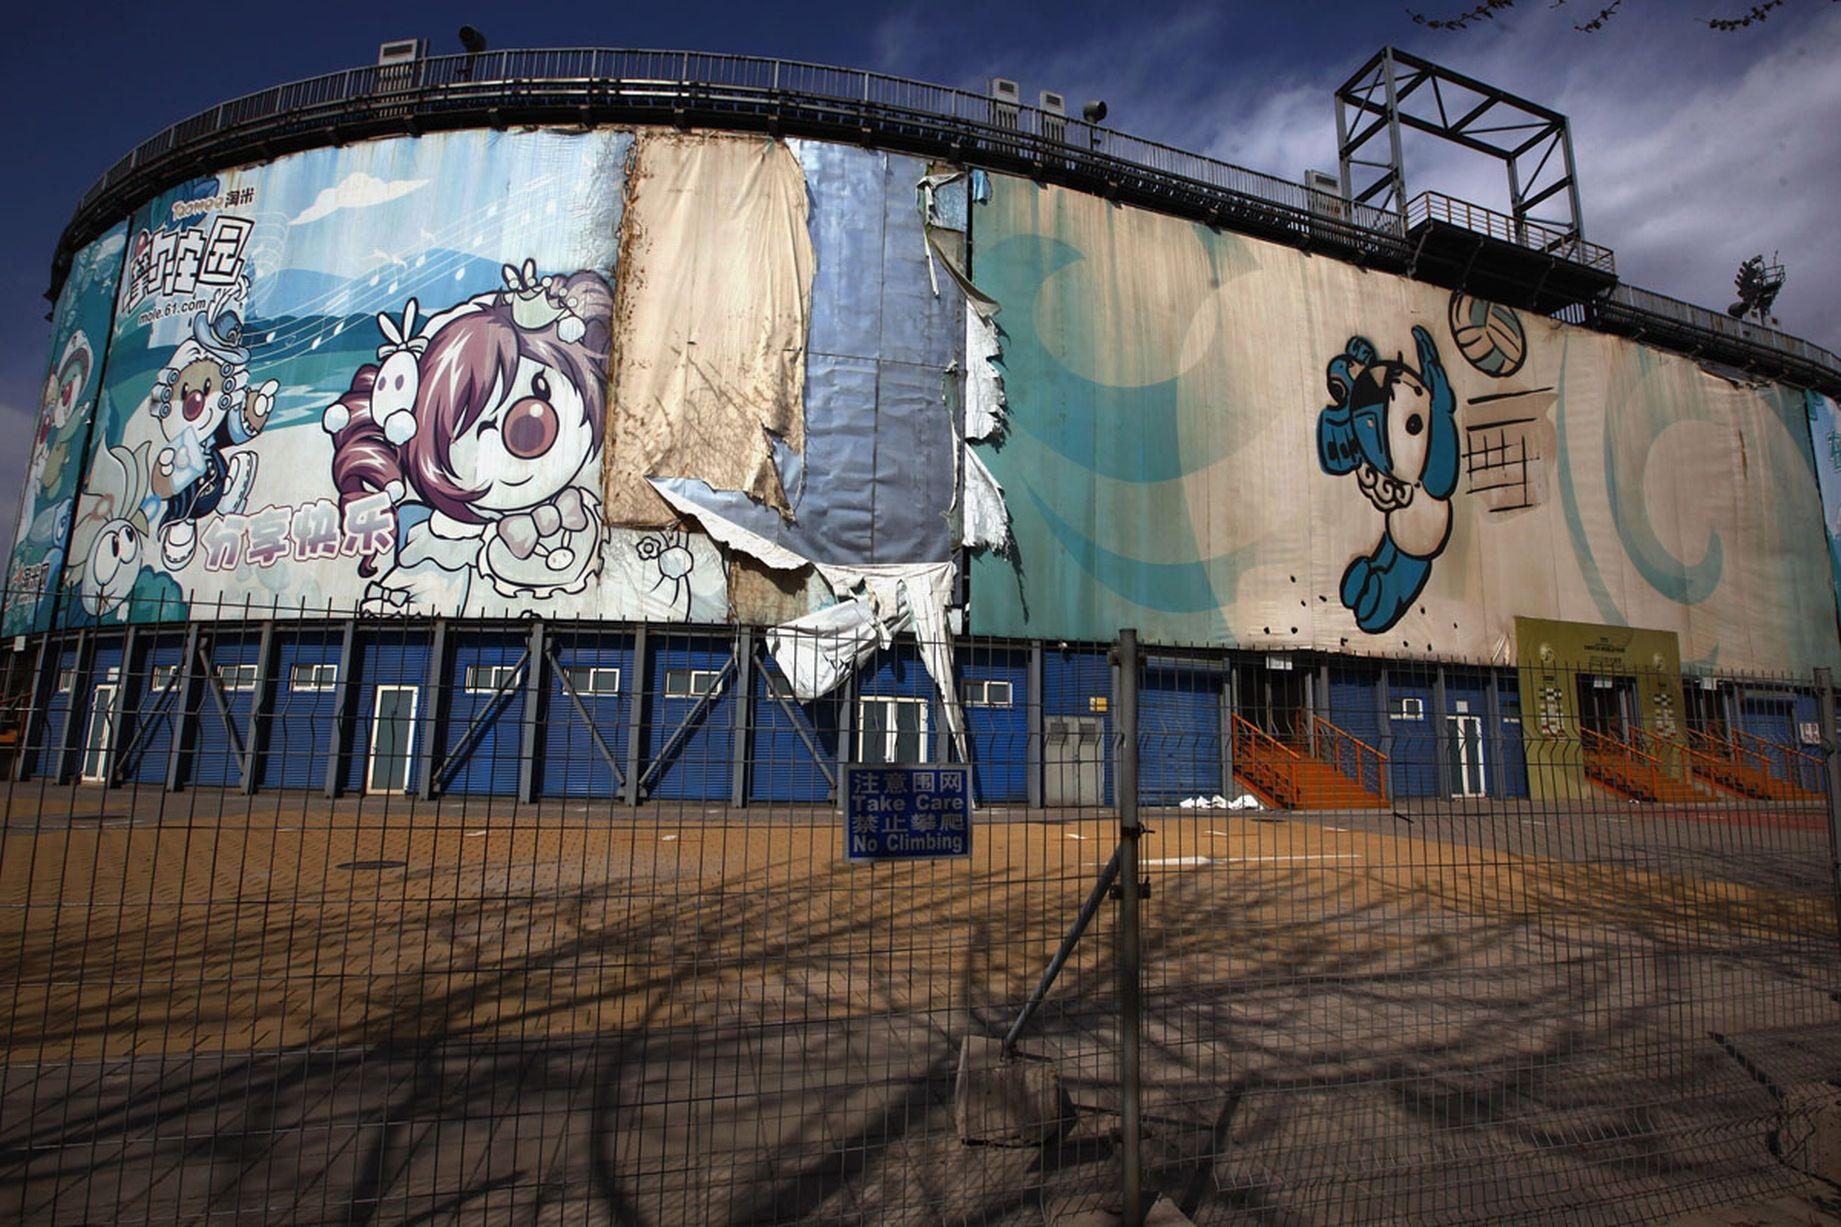 Nơi tổ chức môn bóng chuyền bãi biển ở Bắc Kinh bị bỏ hoang nhiều năm qua